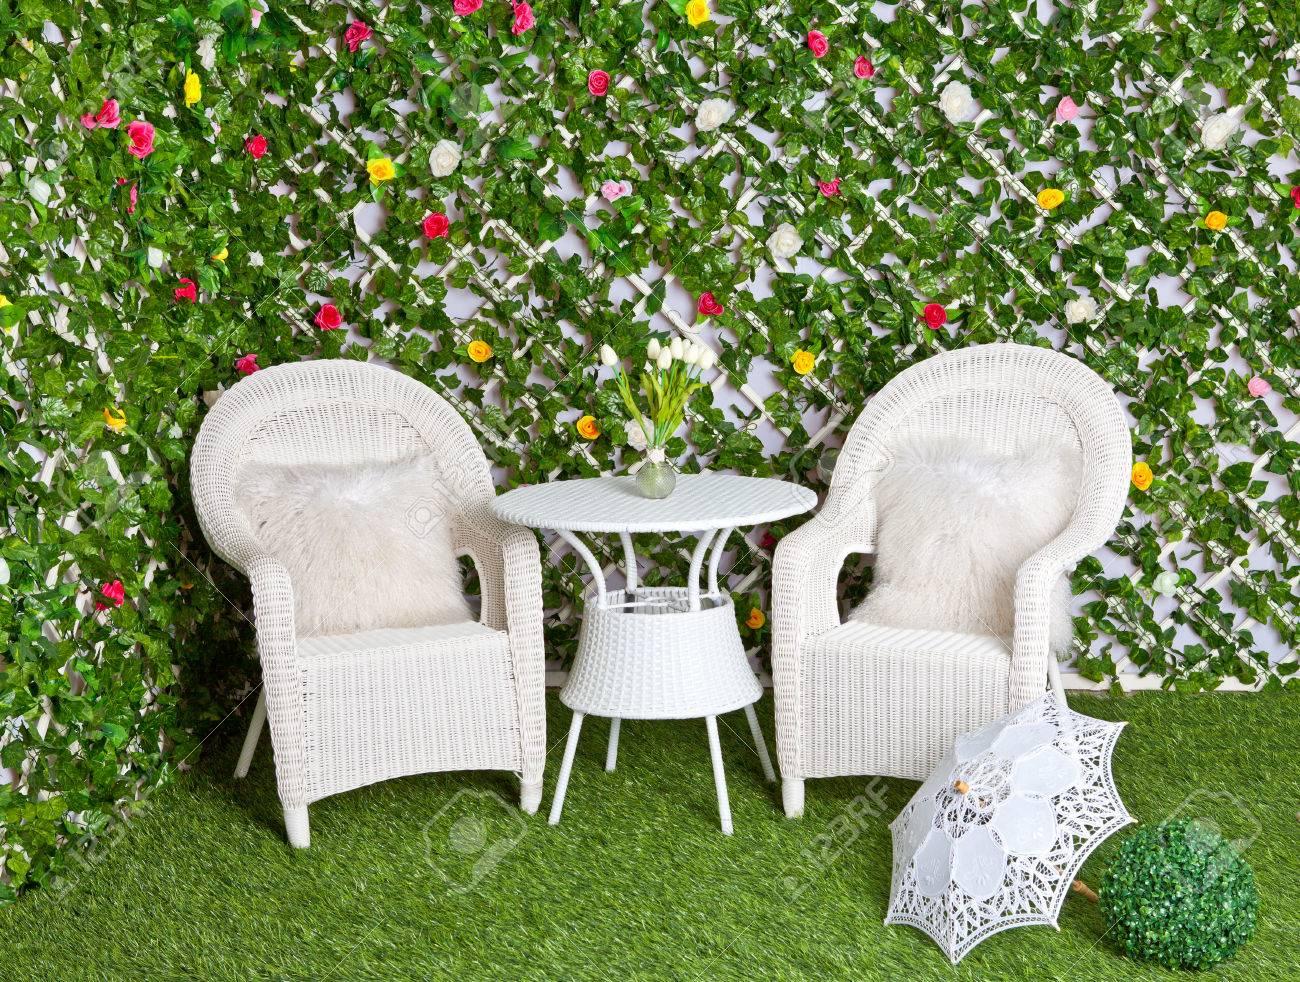 Muebles De Mimbre De Ratán Blanco En El Jardín En Flor. Tracería ...